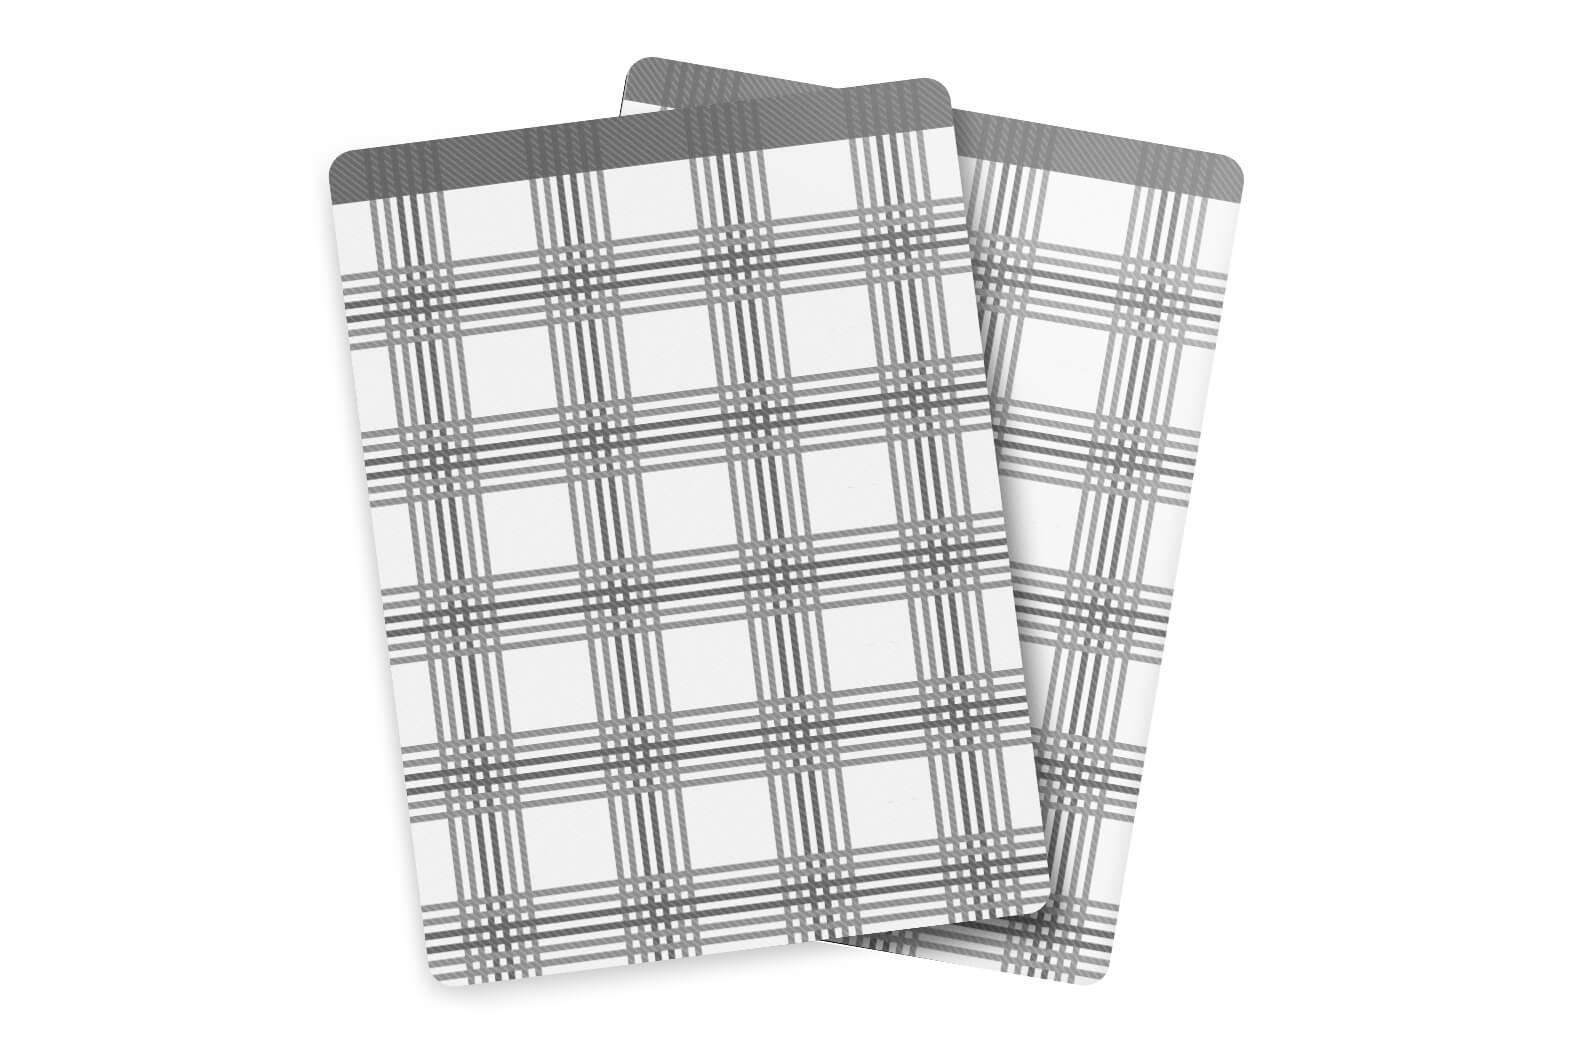 Utěrky Bambus velká kostka šedá – 3 ks v balení